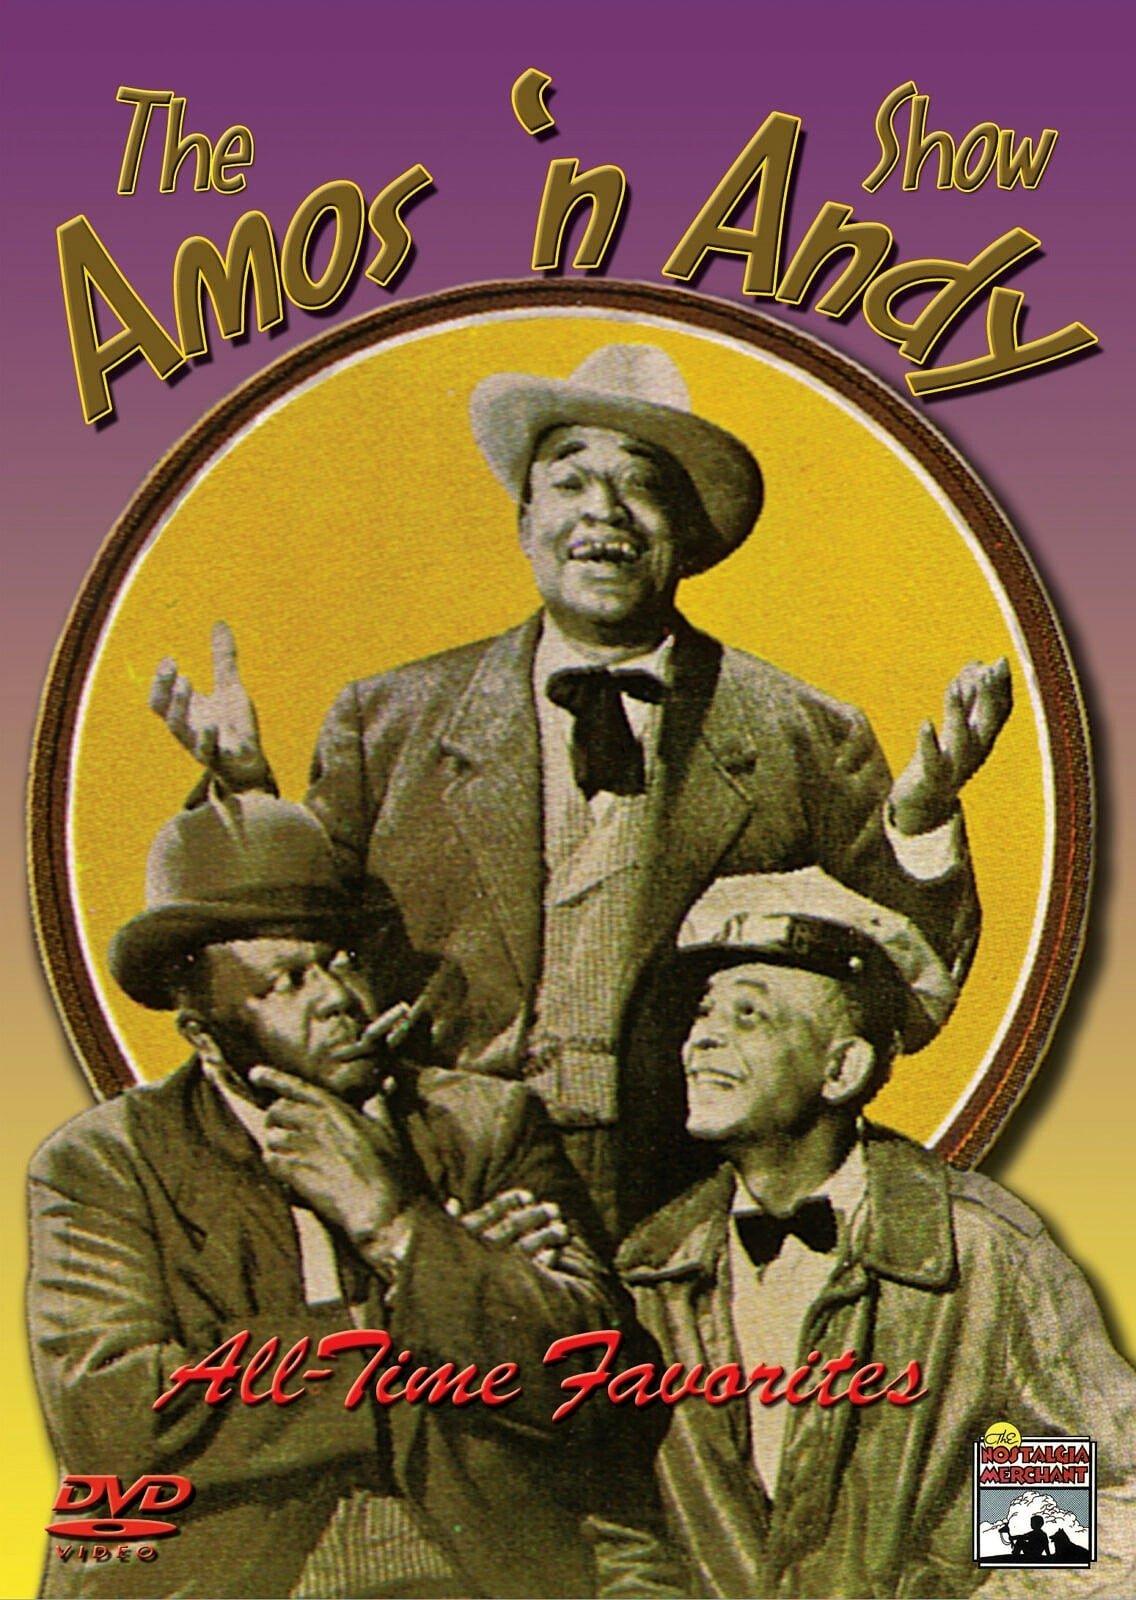 Amos 'n' Andy